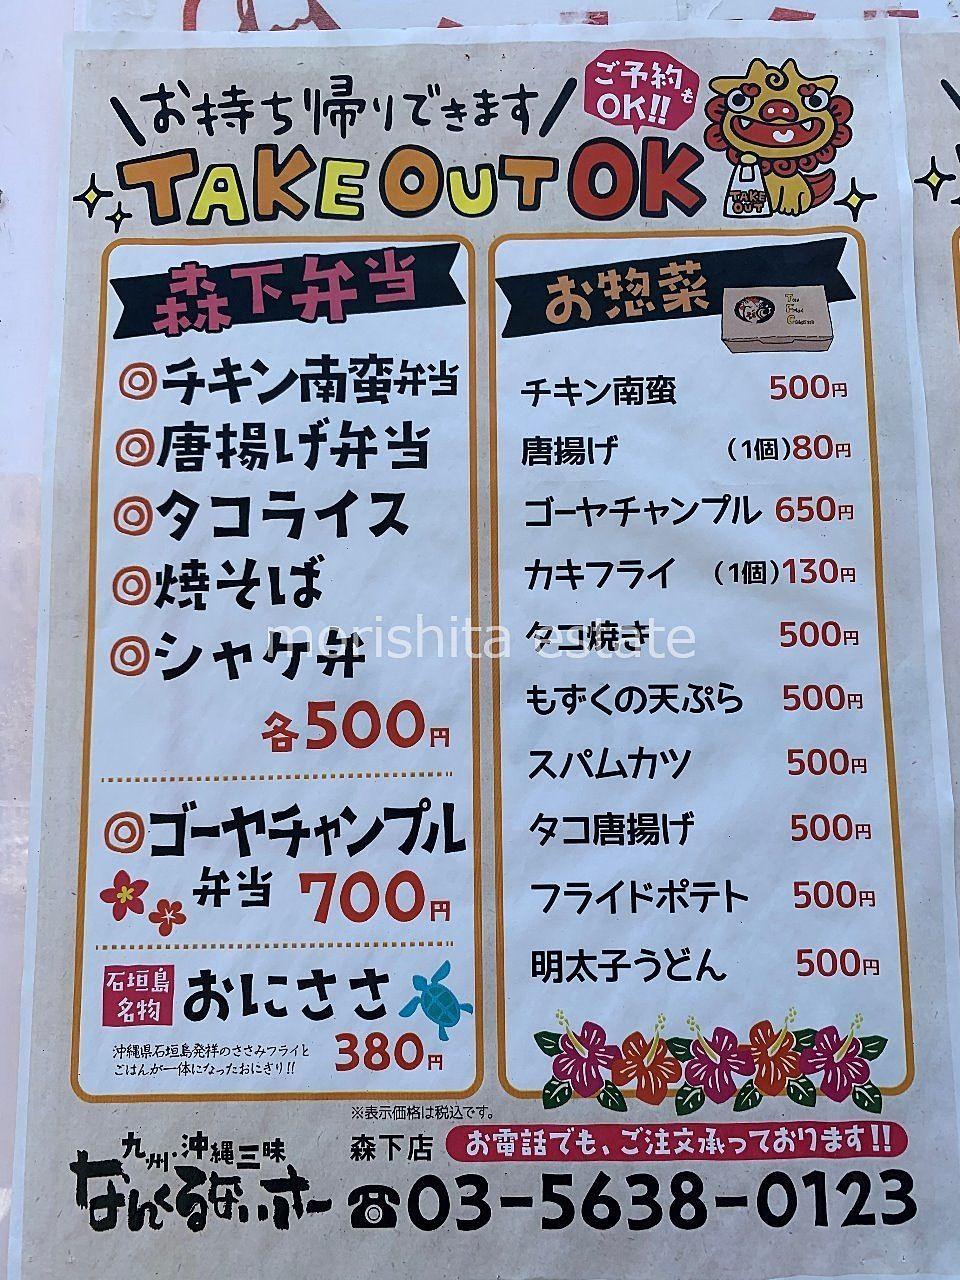 森下 沖縄料理 ナンクルナイサ きばいやんせー お弁当メニュー